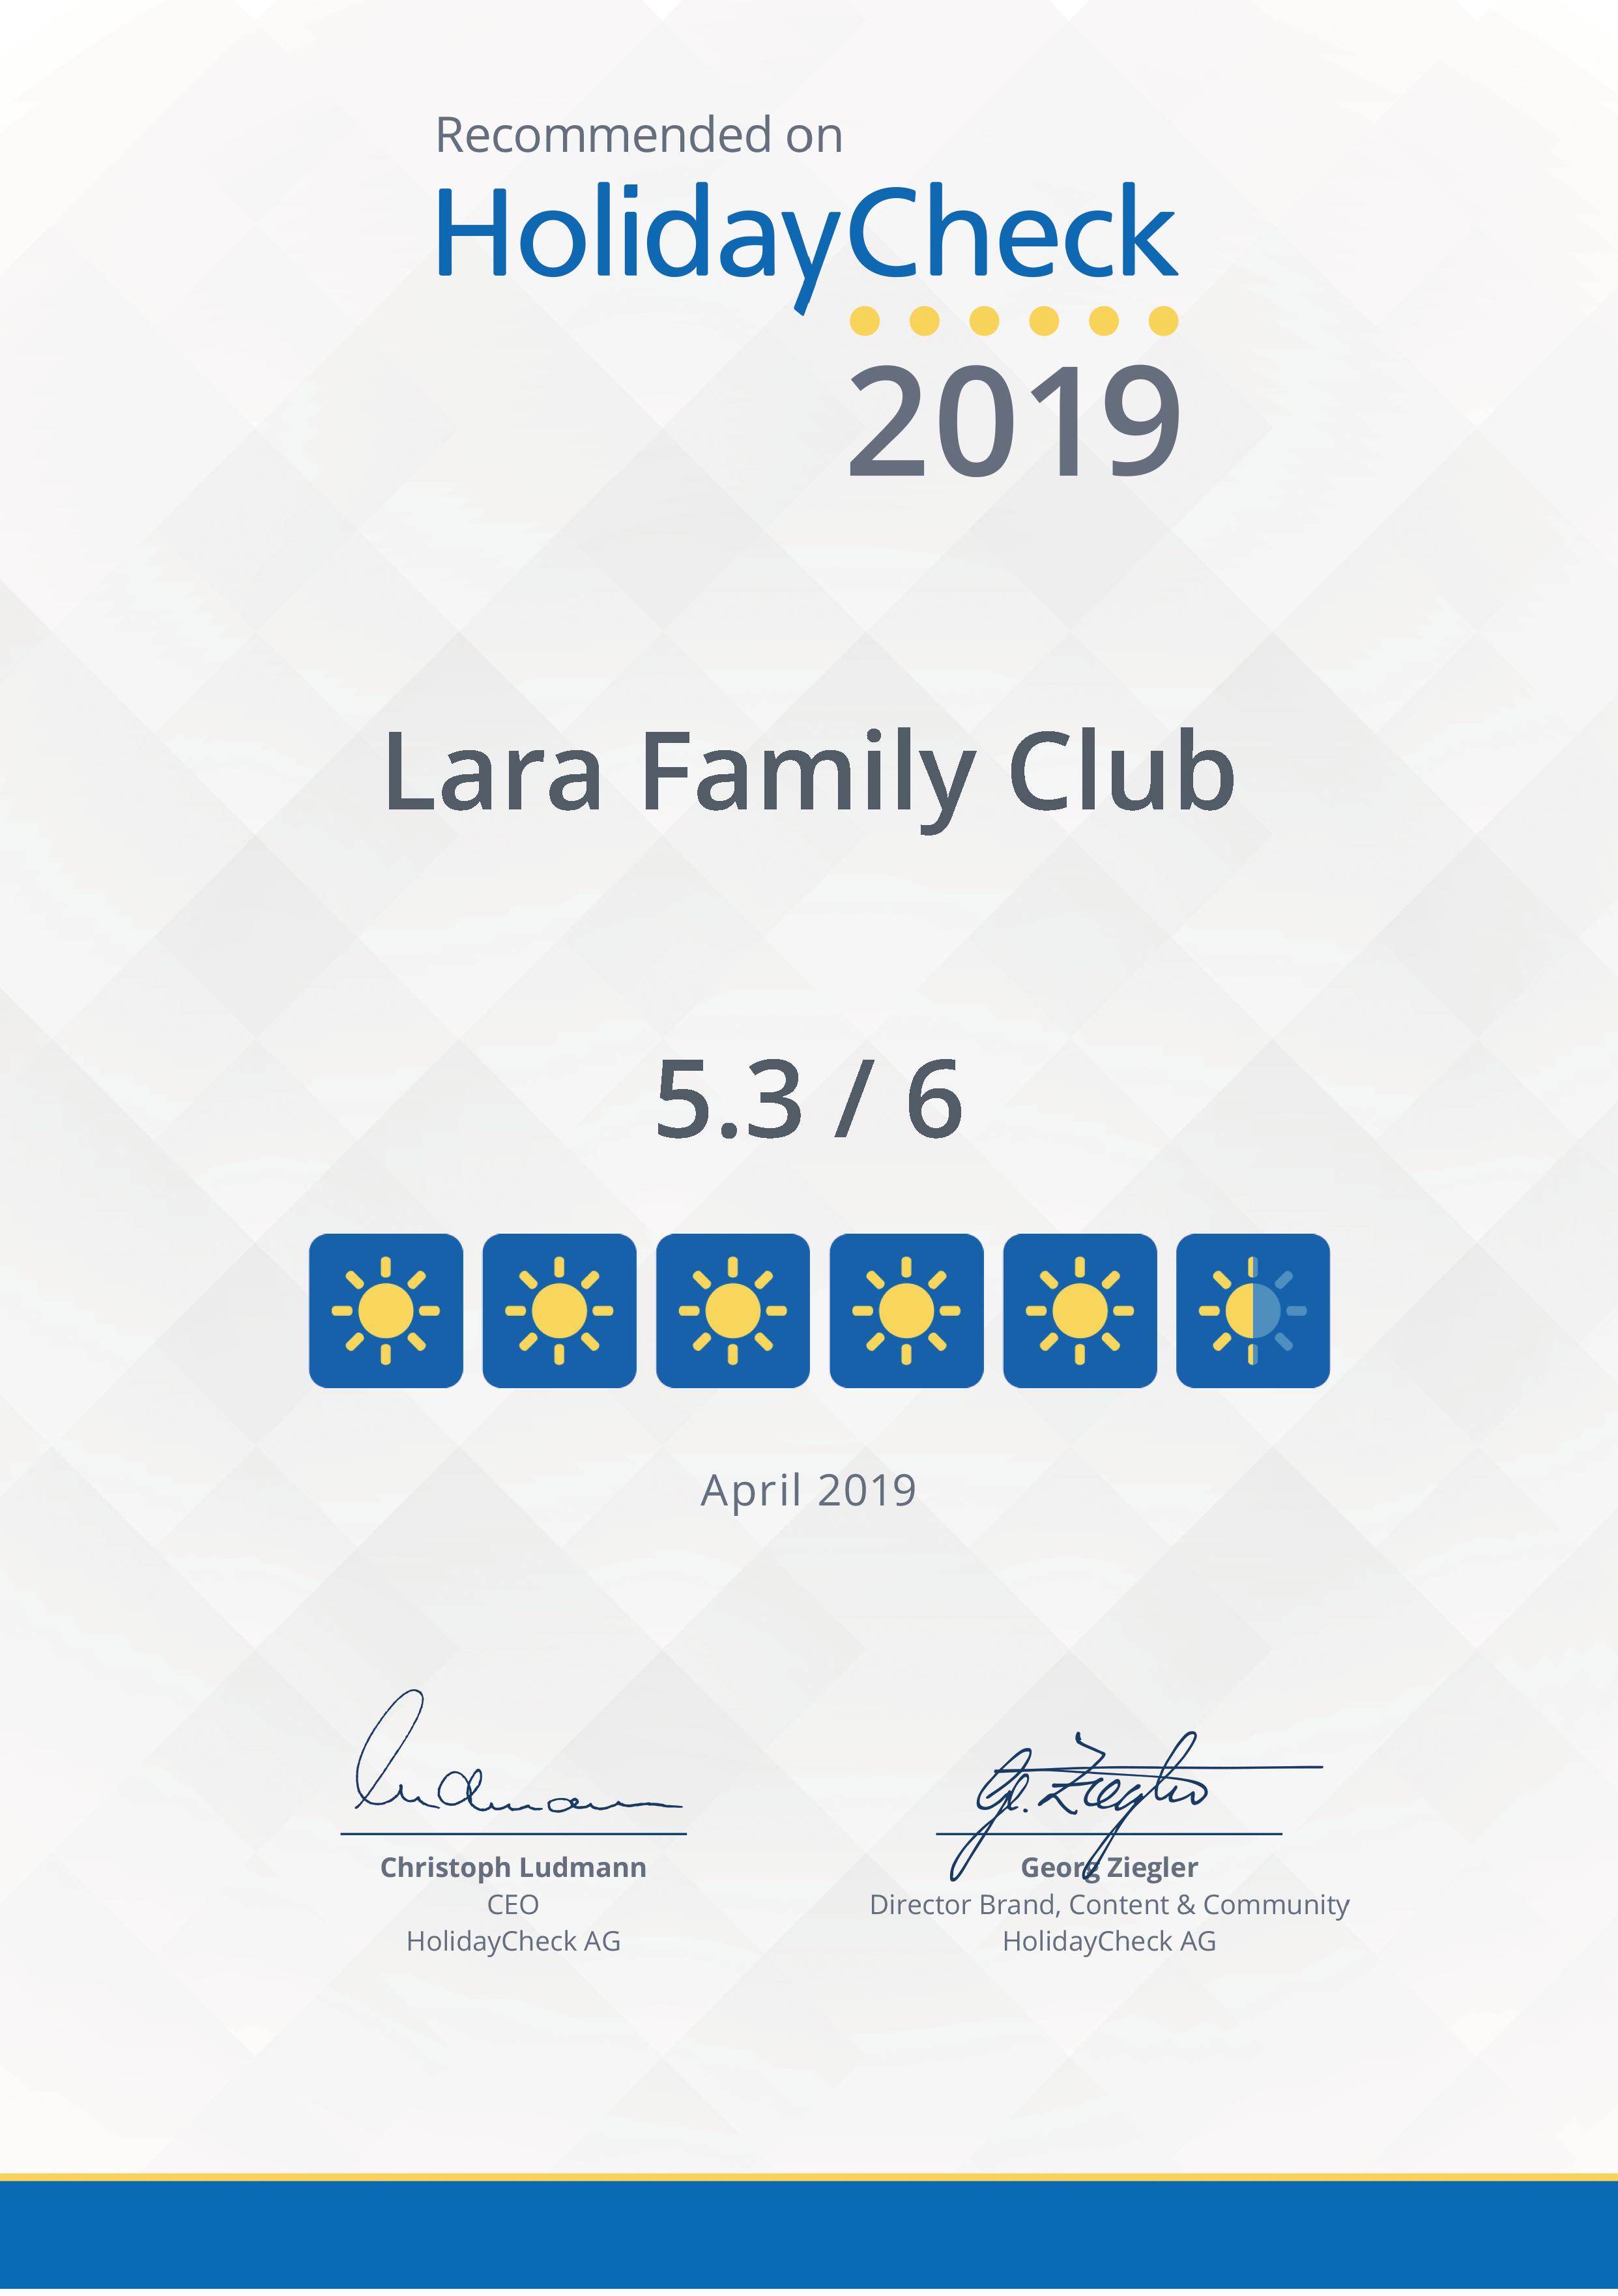 lara_family_club-holidaycheck2019.png